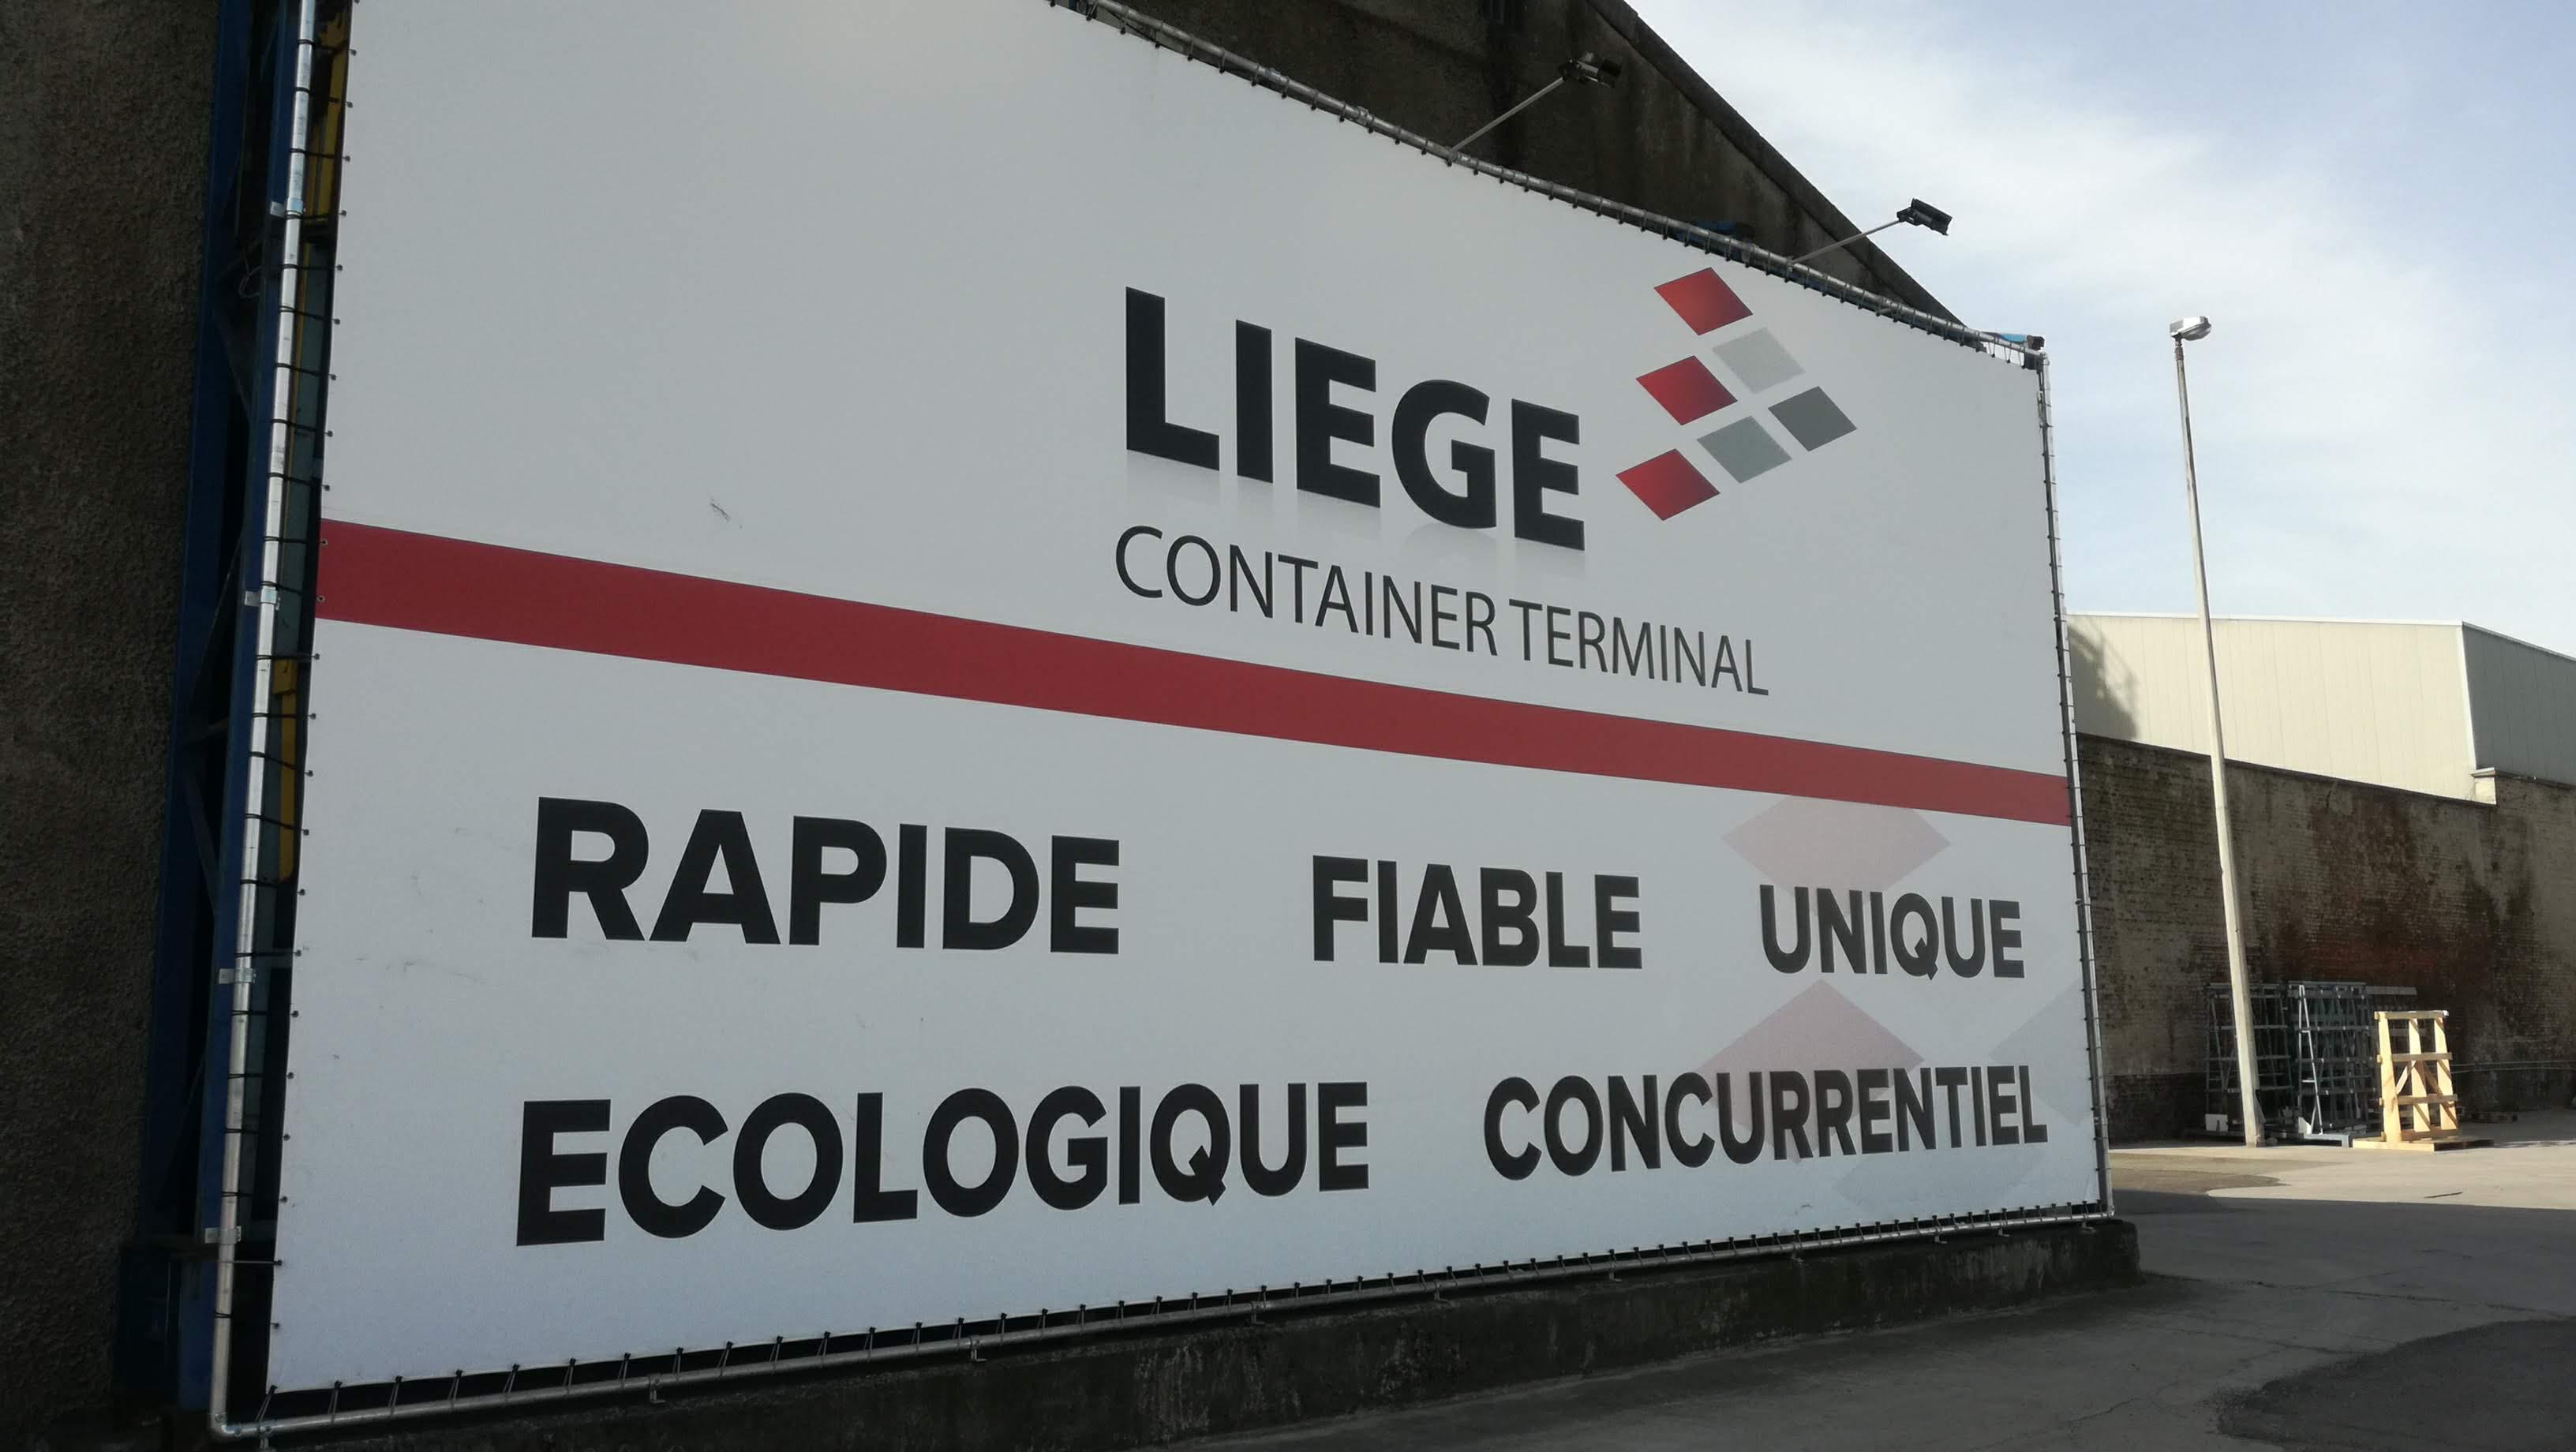 29 juin 2018 – Liège Container Terminal – Etude d'incidence sur l'environnement et plan d'assainissement acoustique